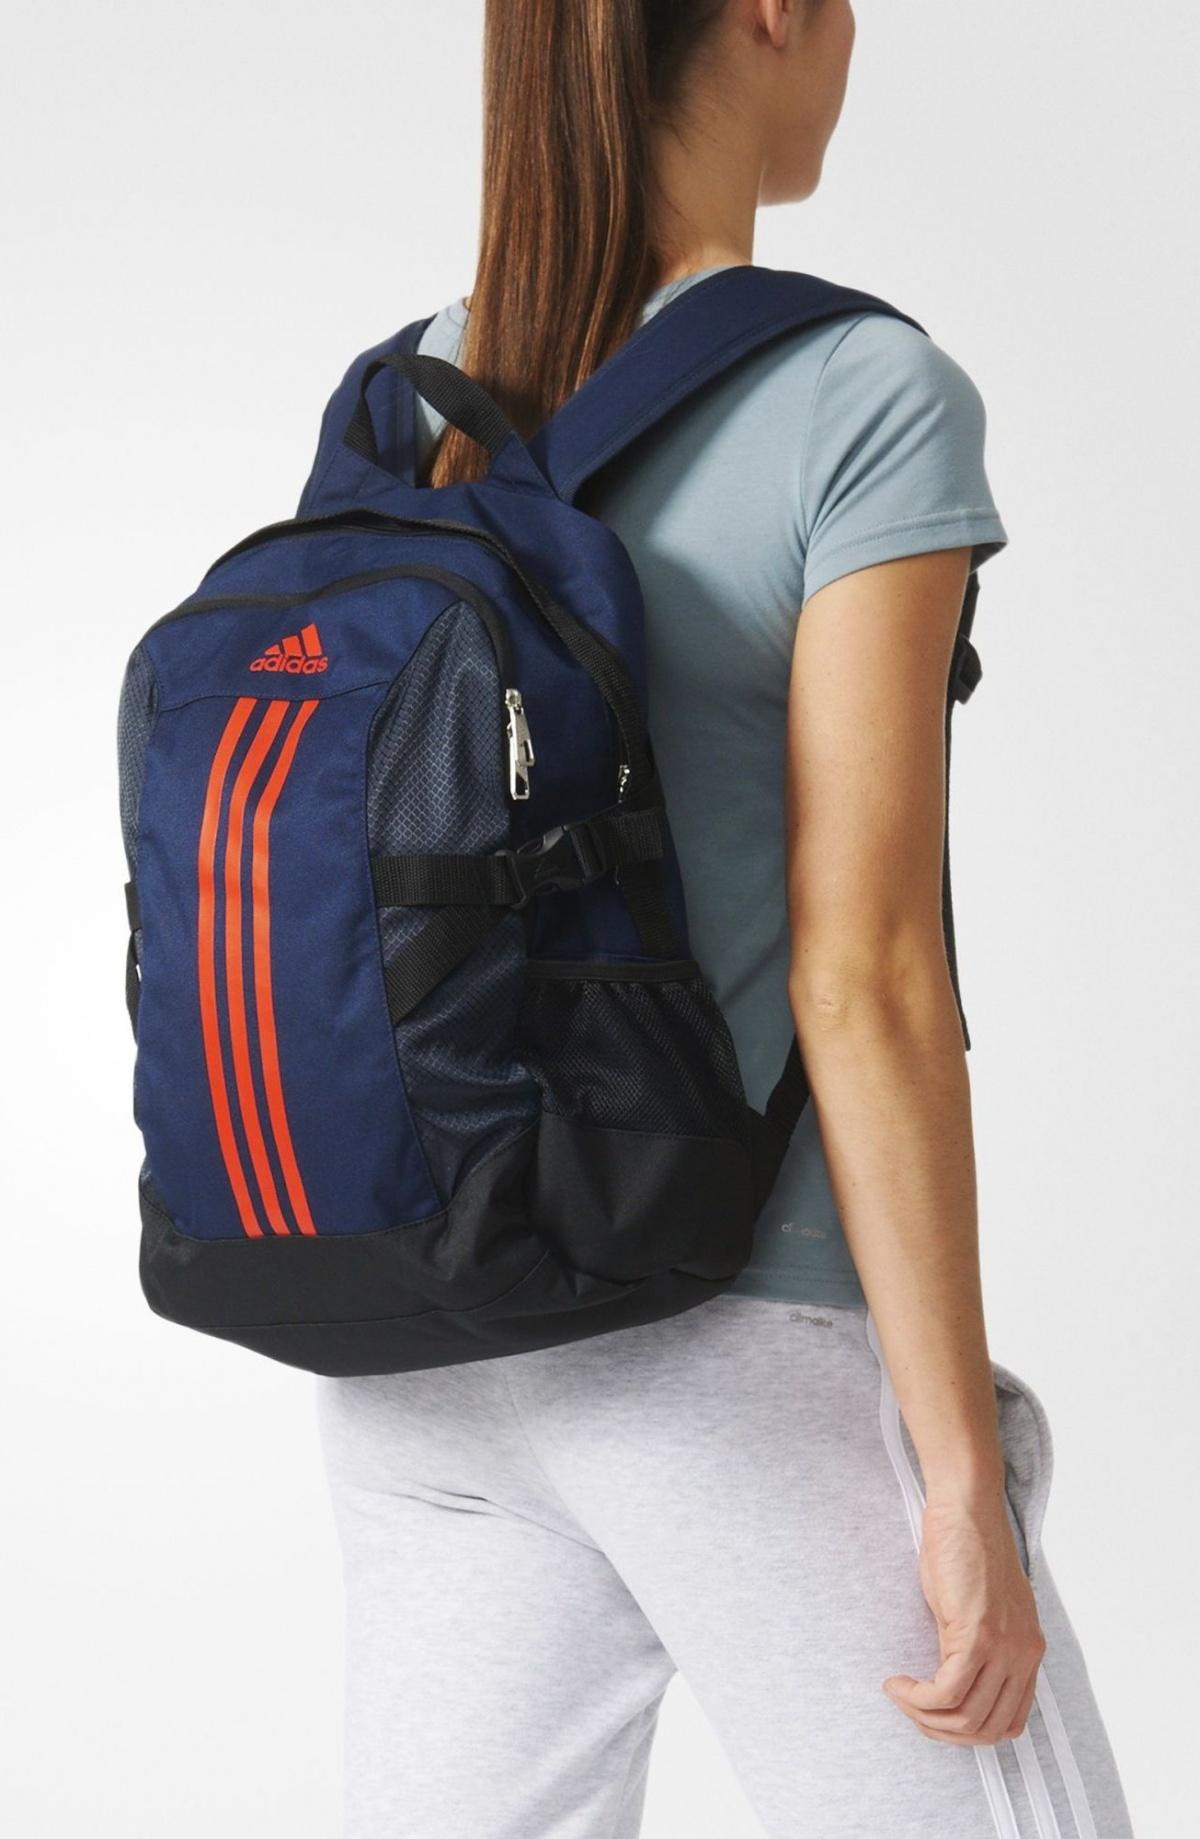 048f6d160f Рюкзак BP POWER II AJ9441 Adidas — купить с доставкой в Киев и по ...